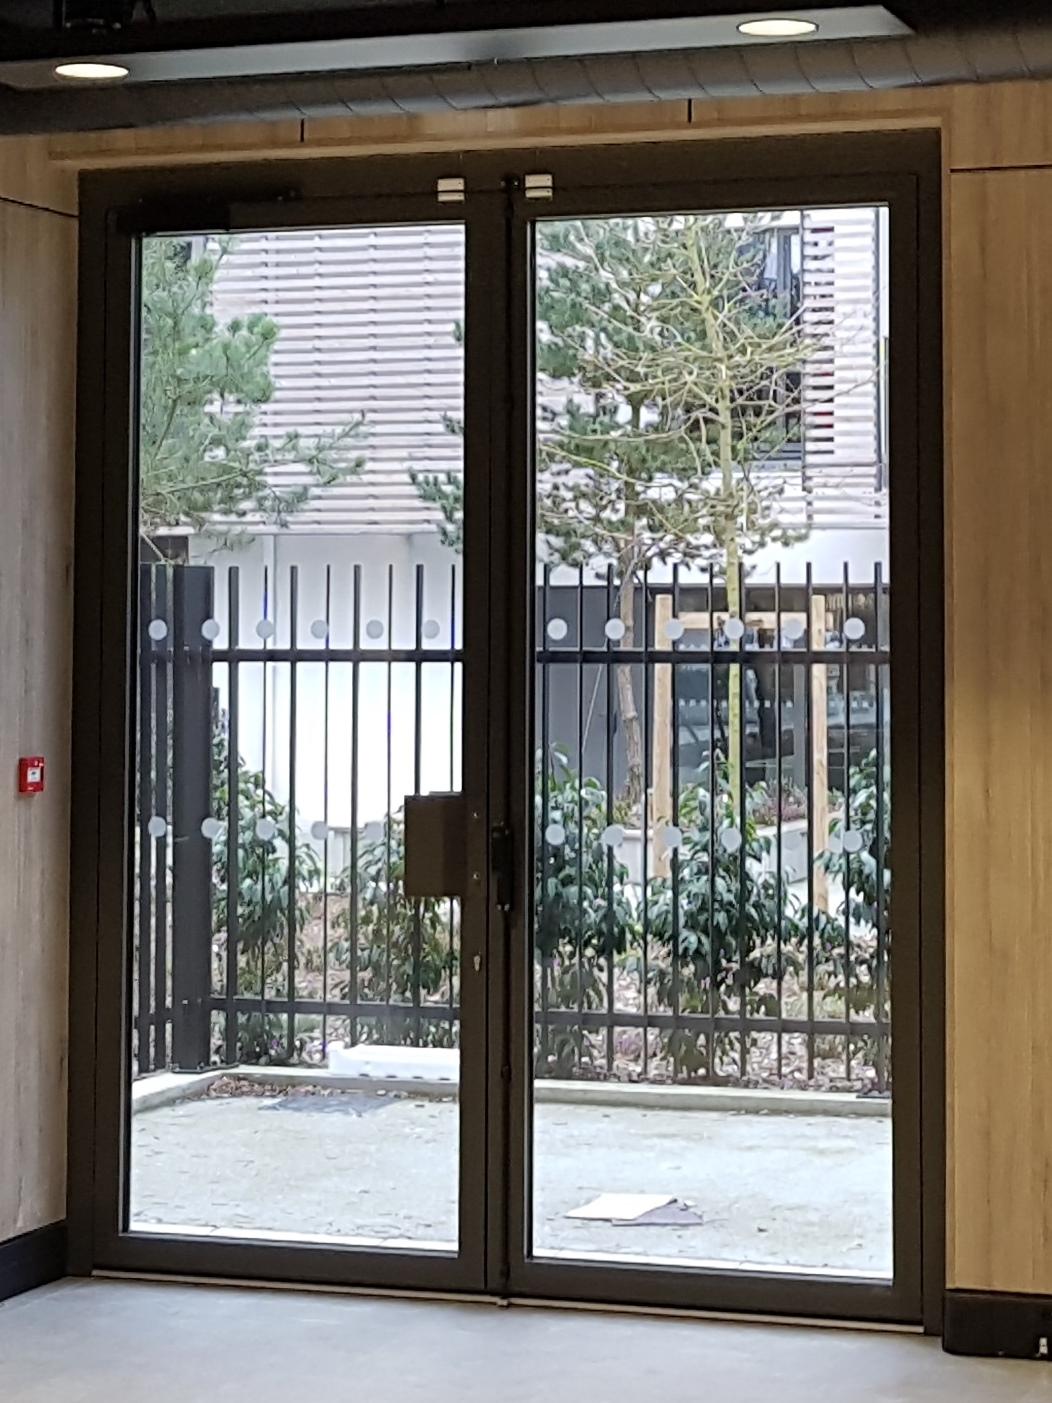 Porte double vitrée cadre Alu noir espace cloisons alu amenagement et agencement pour bureau